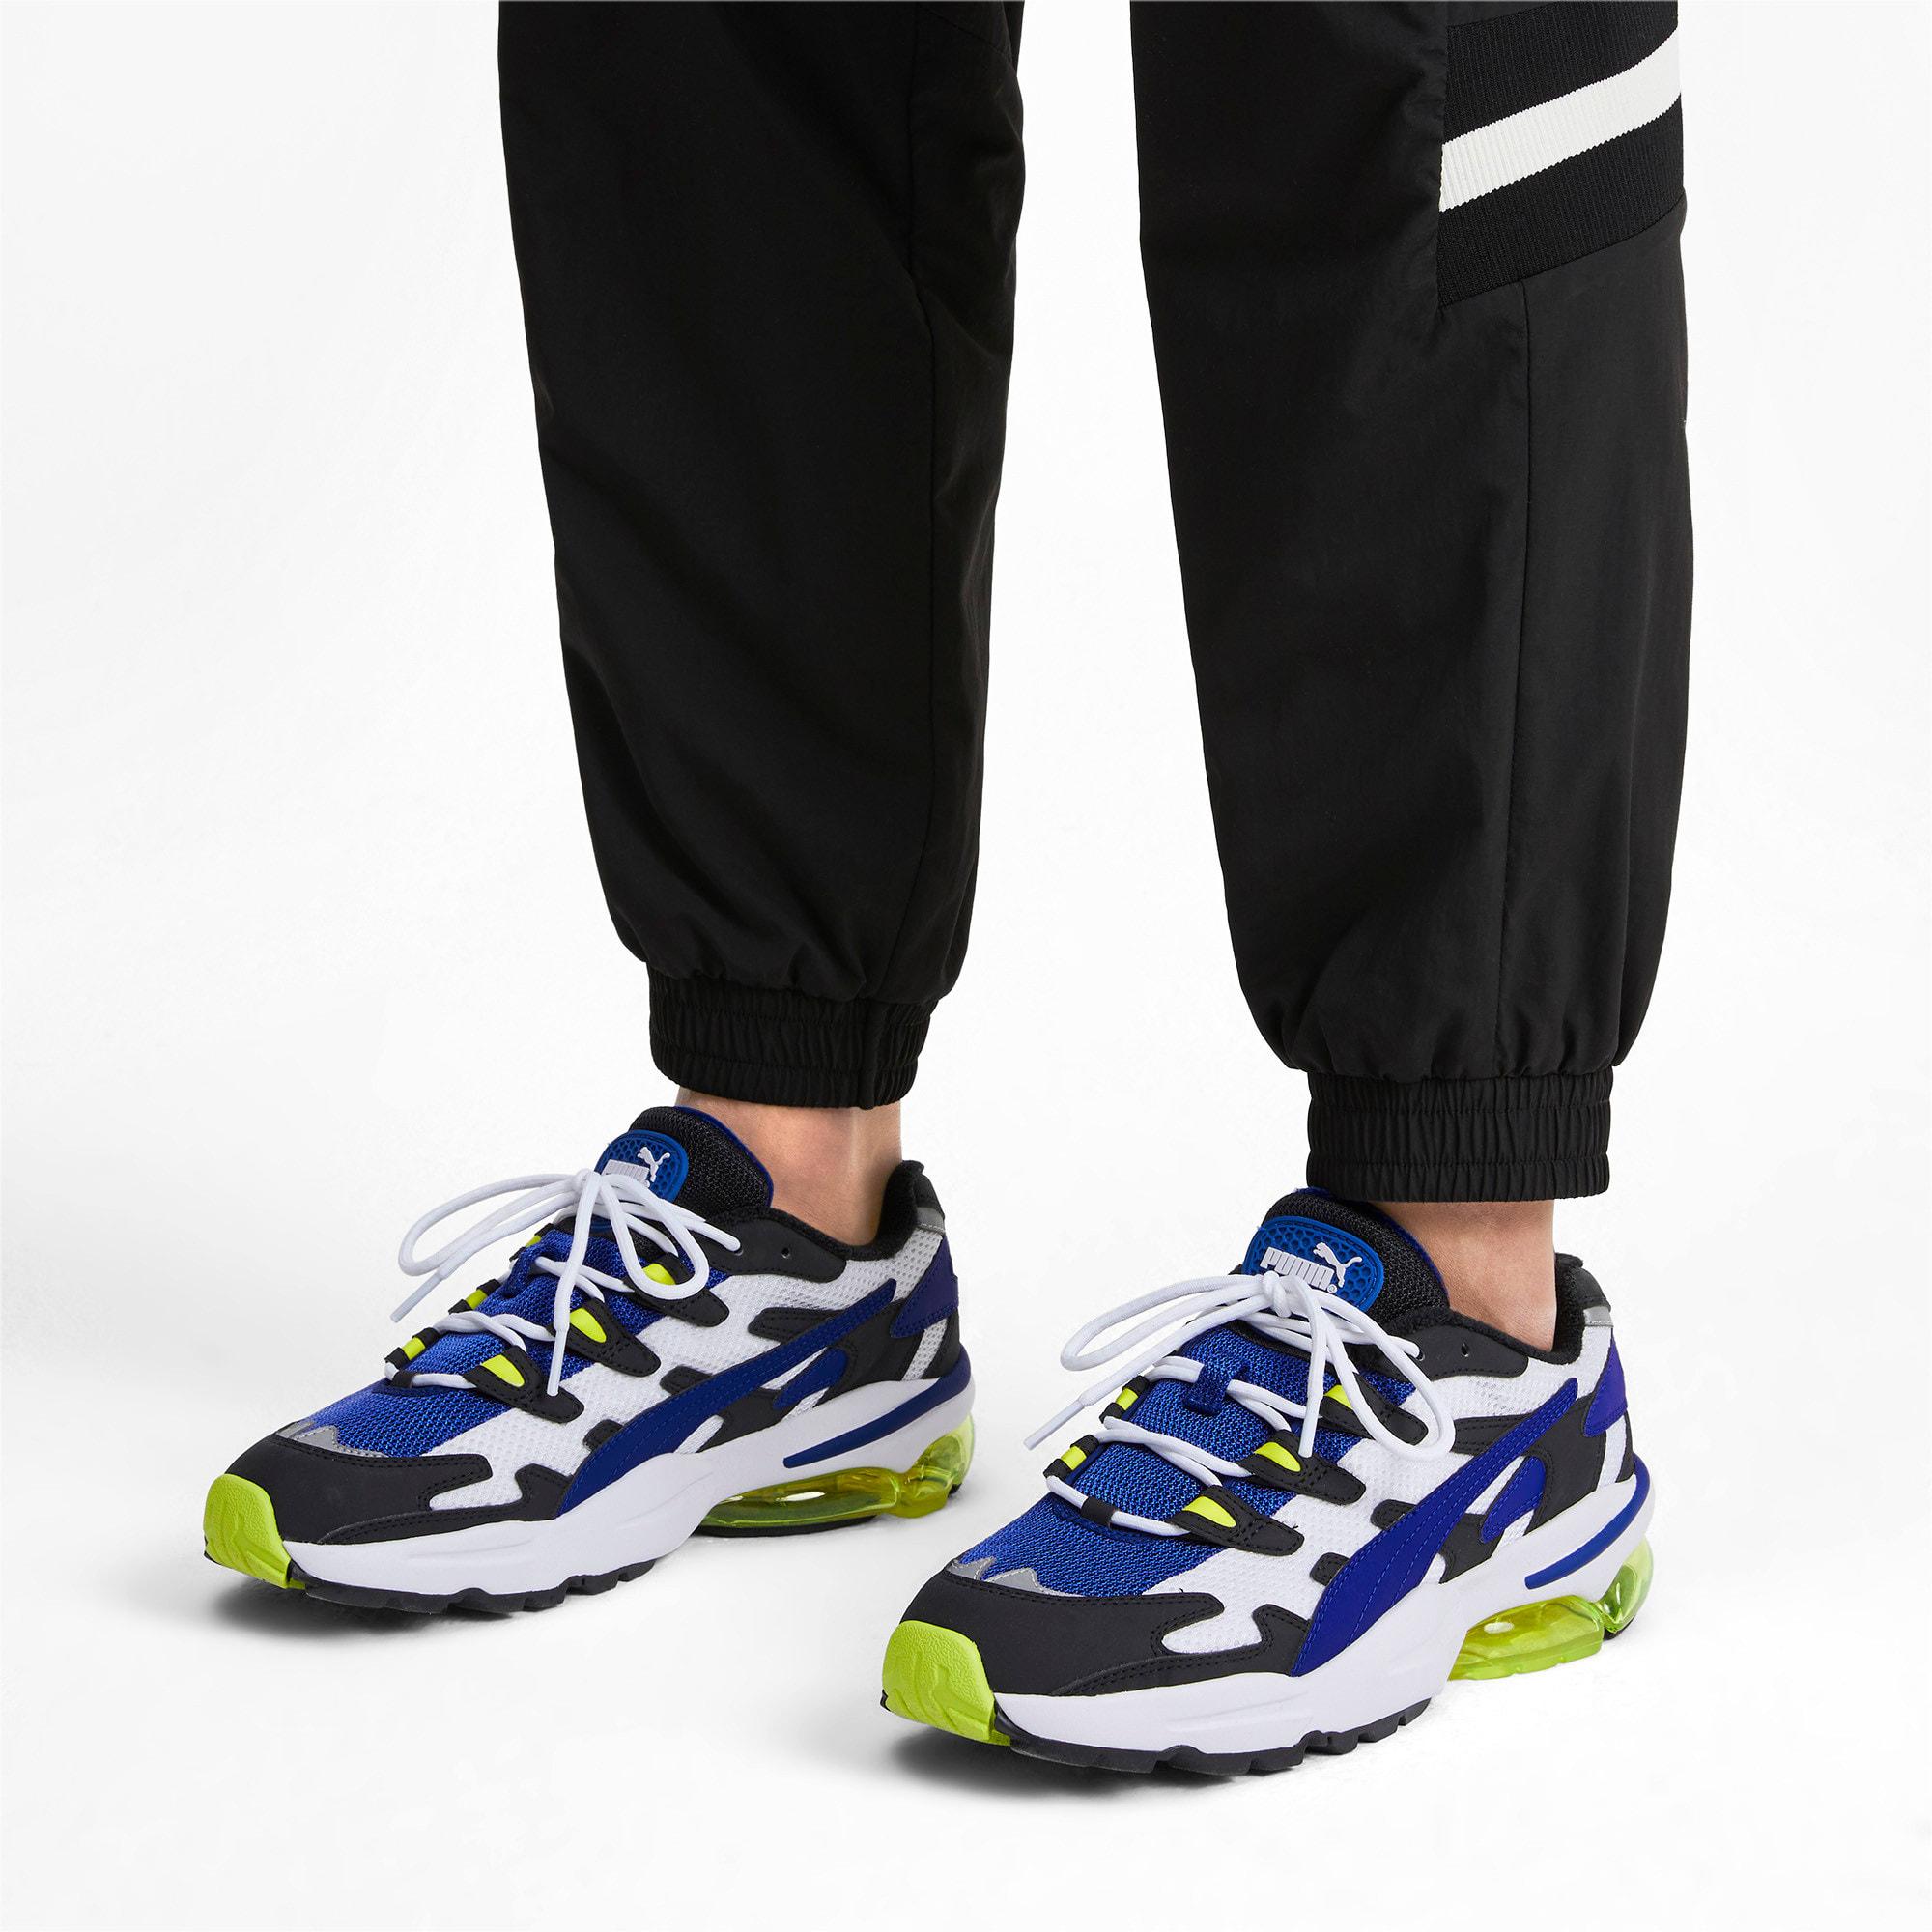 Miniatura 2 de Zapatos deportivos CELL Alien OG, Puma Black-Surf The Web, mediano